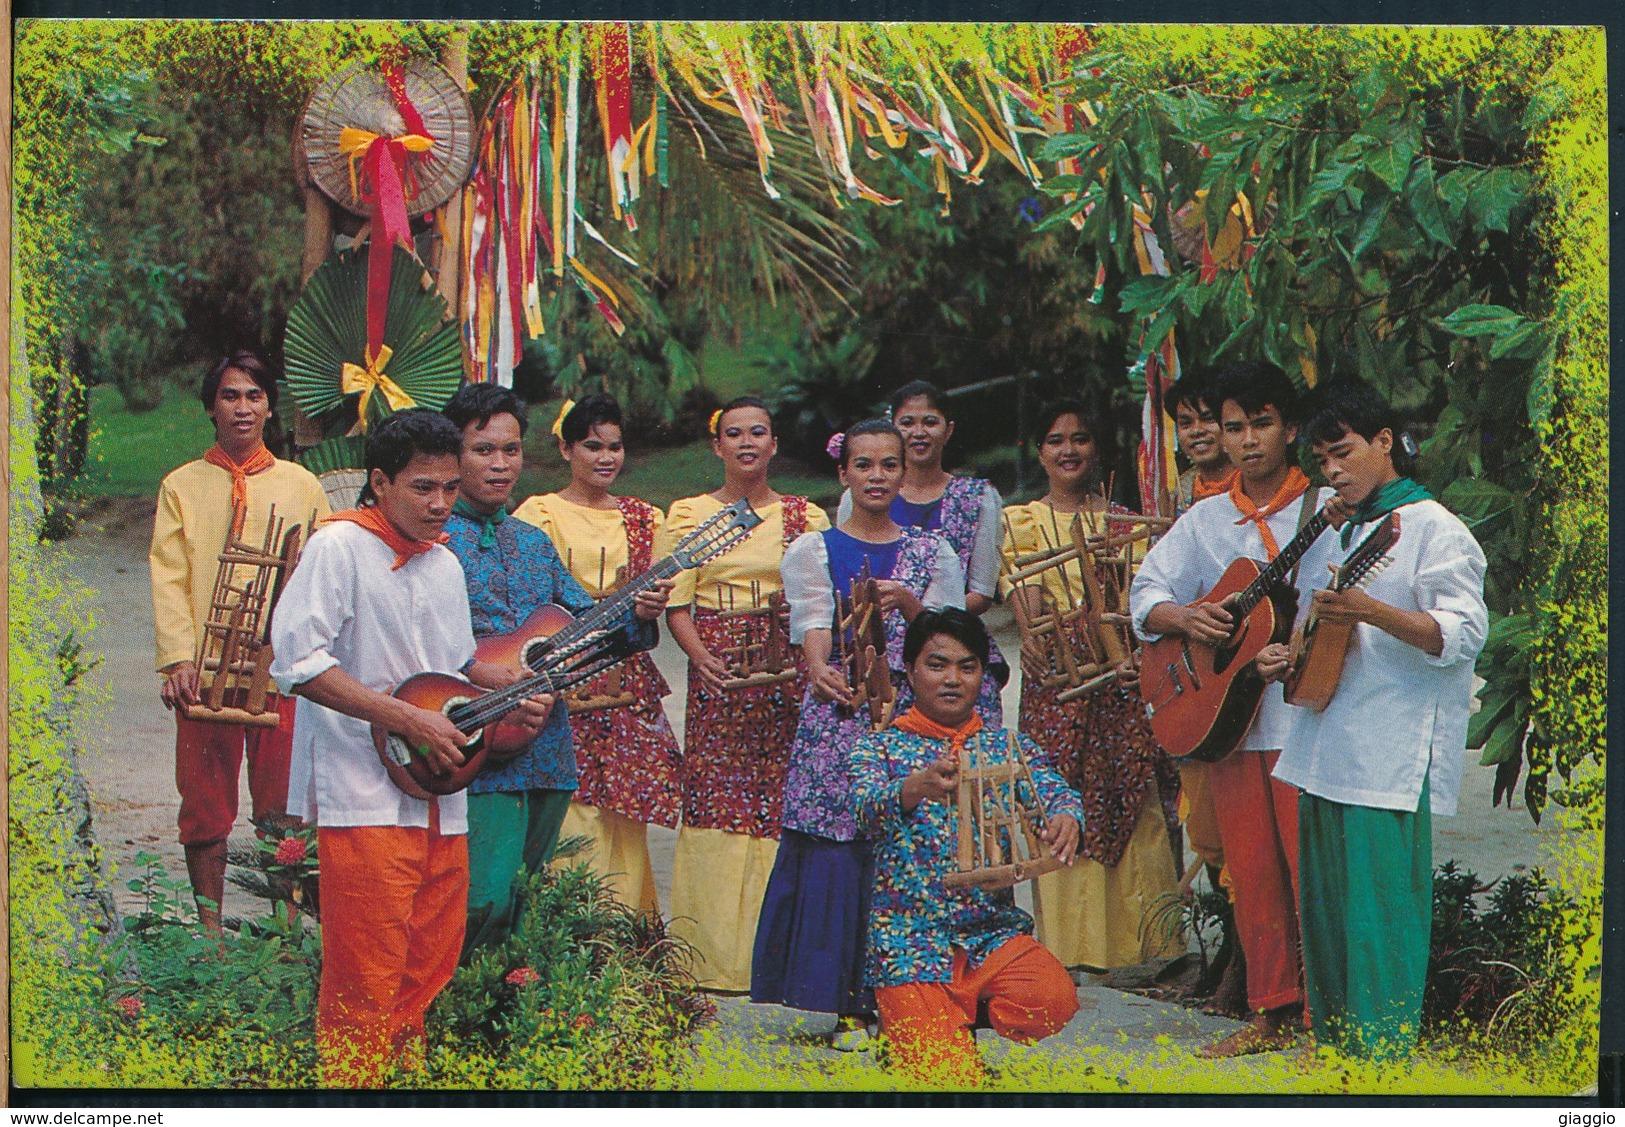 °°° 20491 - PHILIPPINES - FOLK SINGERS OF DAKAK BEACH RESORT °°° - Filippine